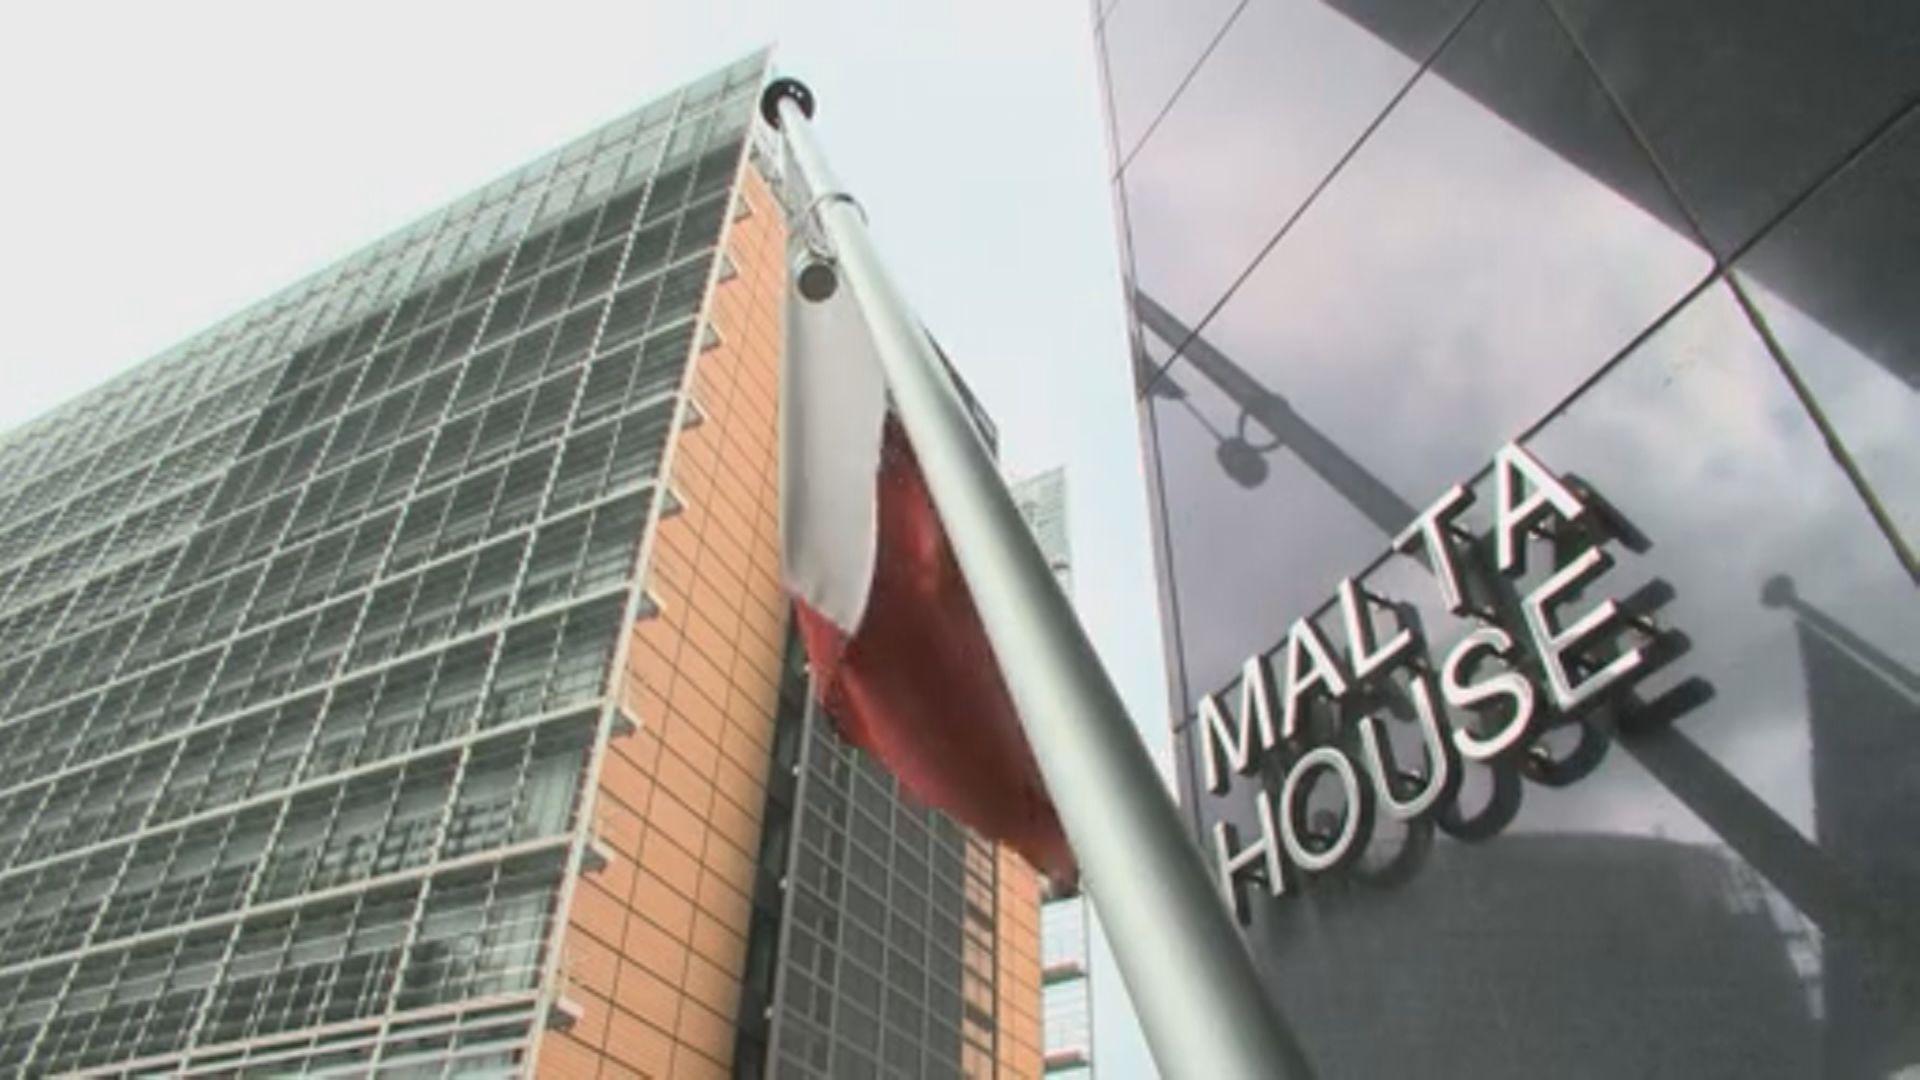 法傳媒指中國藉馬耳他大使館監視歐盟 馬耳他否認